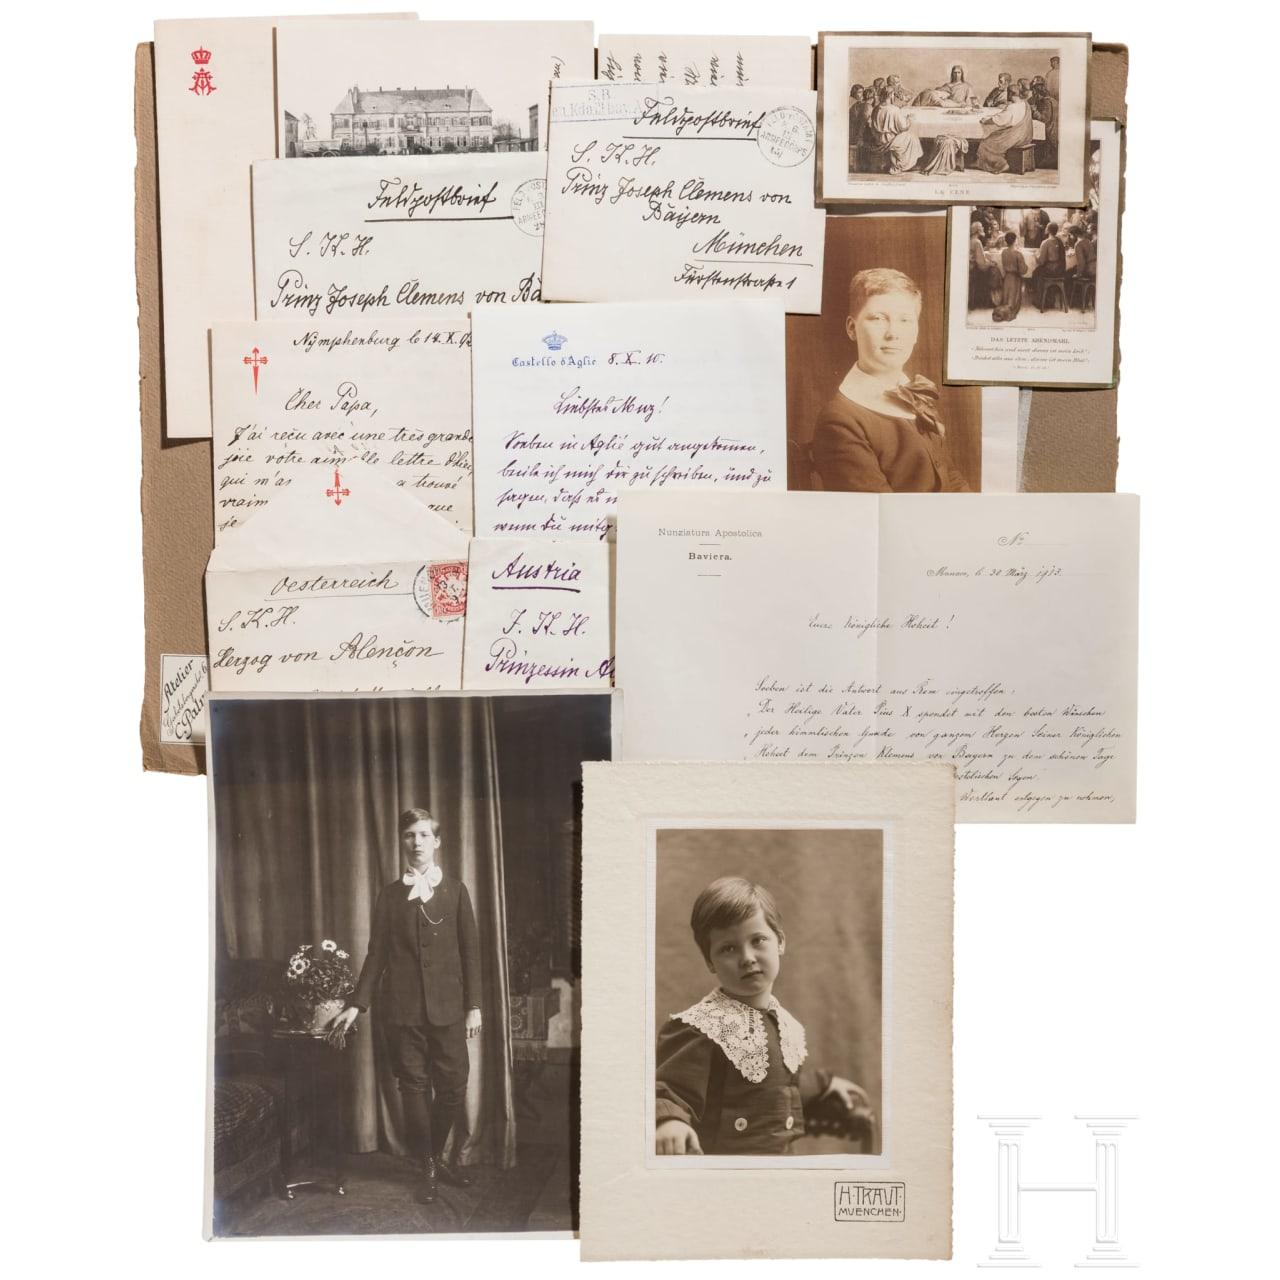 Prinz Alfons von Bayern (1862 - 1933) - vier eigenhändige Briefe 1892 - 1915 sowie drei Fotos des Prinzen Joseph Clemens